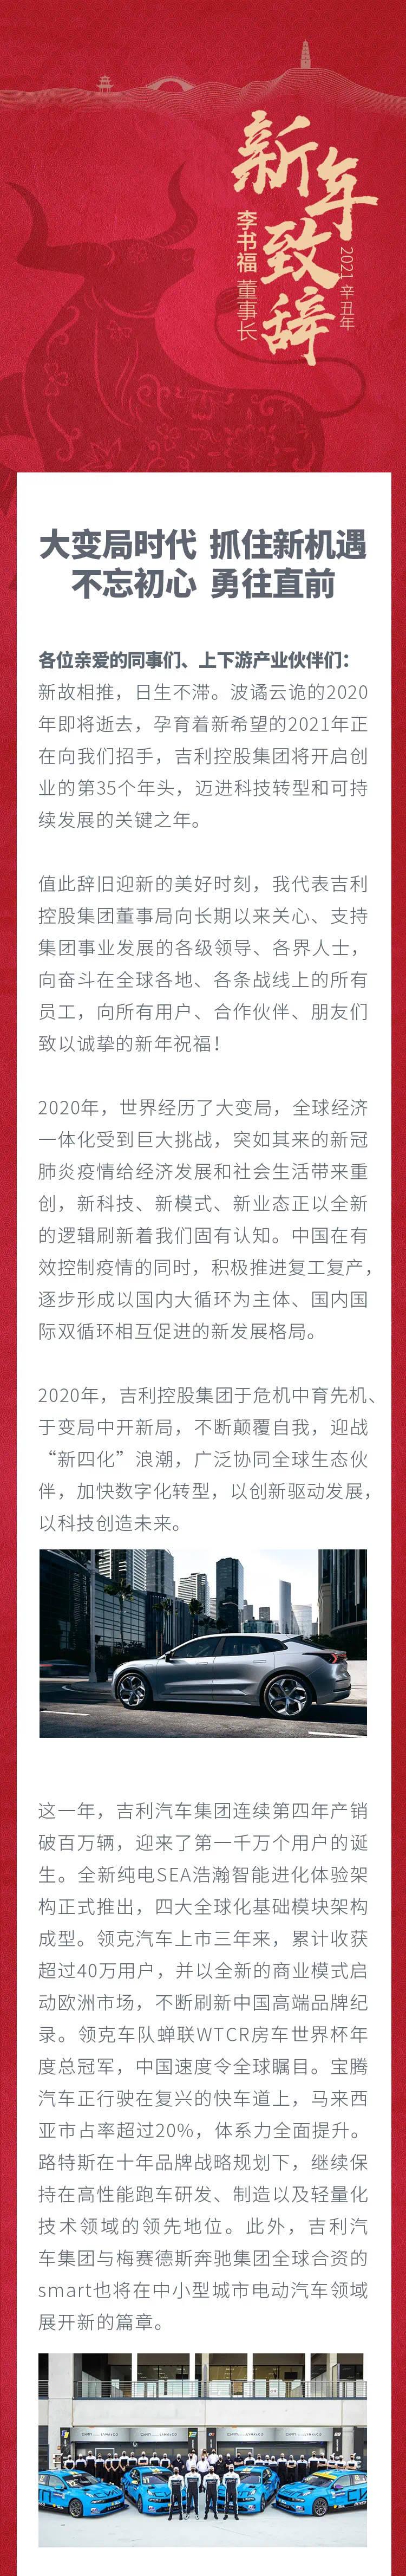 原文1号|李书福新年致辞:吉利需要在变化的时代中颠覆自己。2021年将坚持转型和融入世界